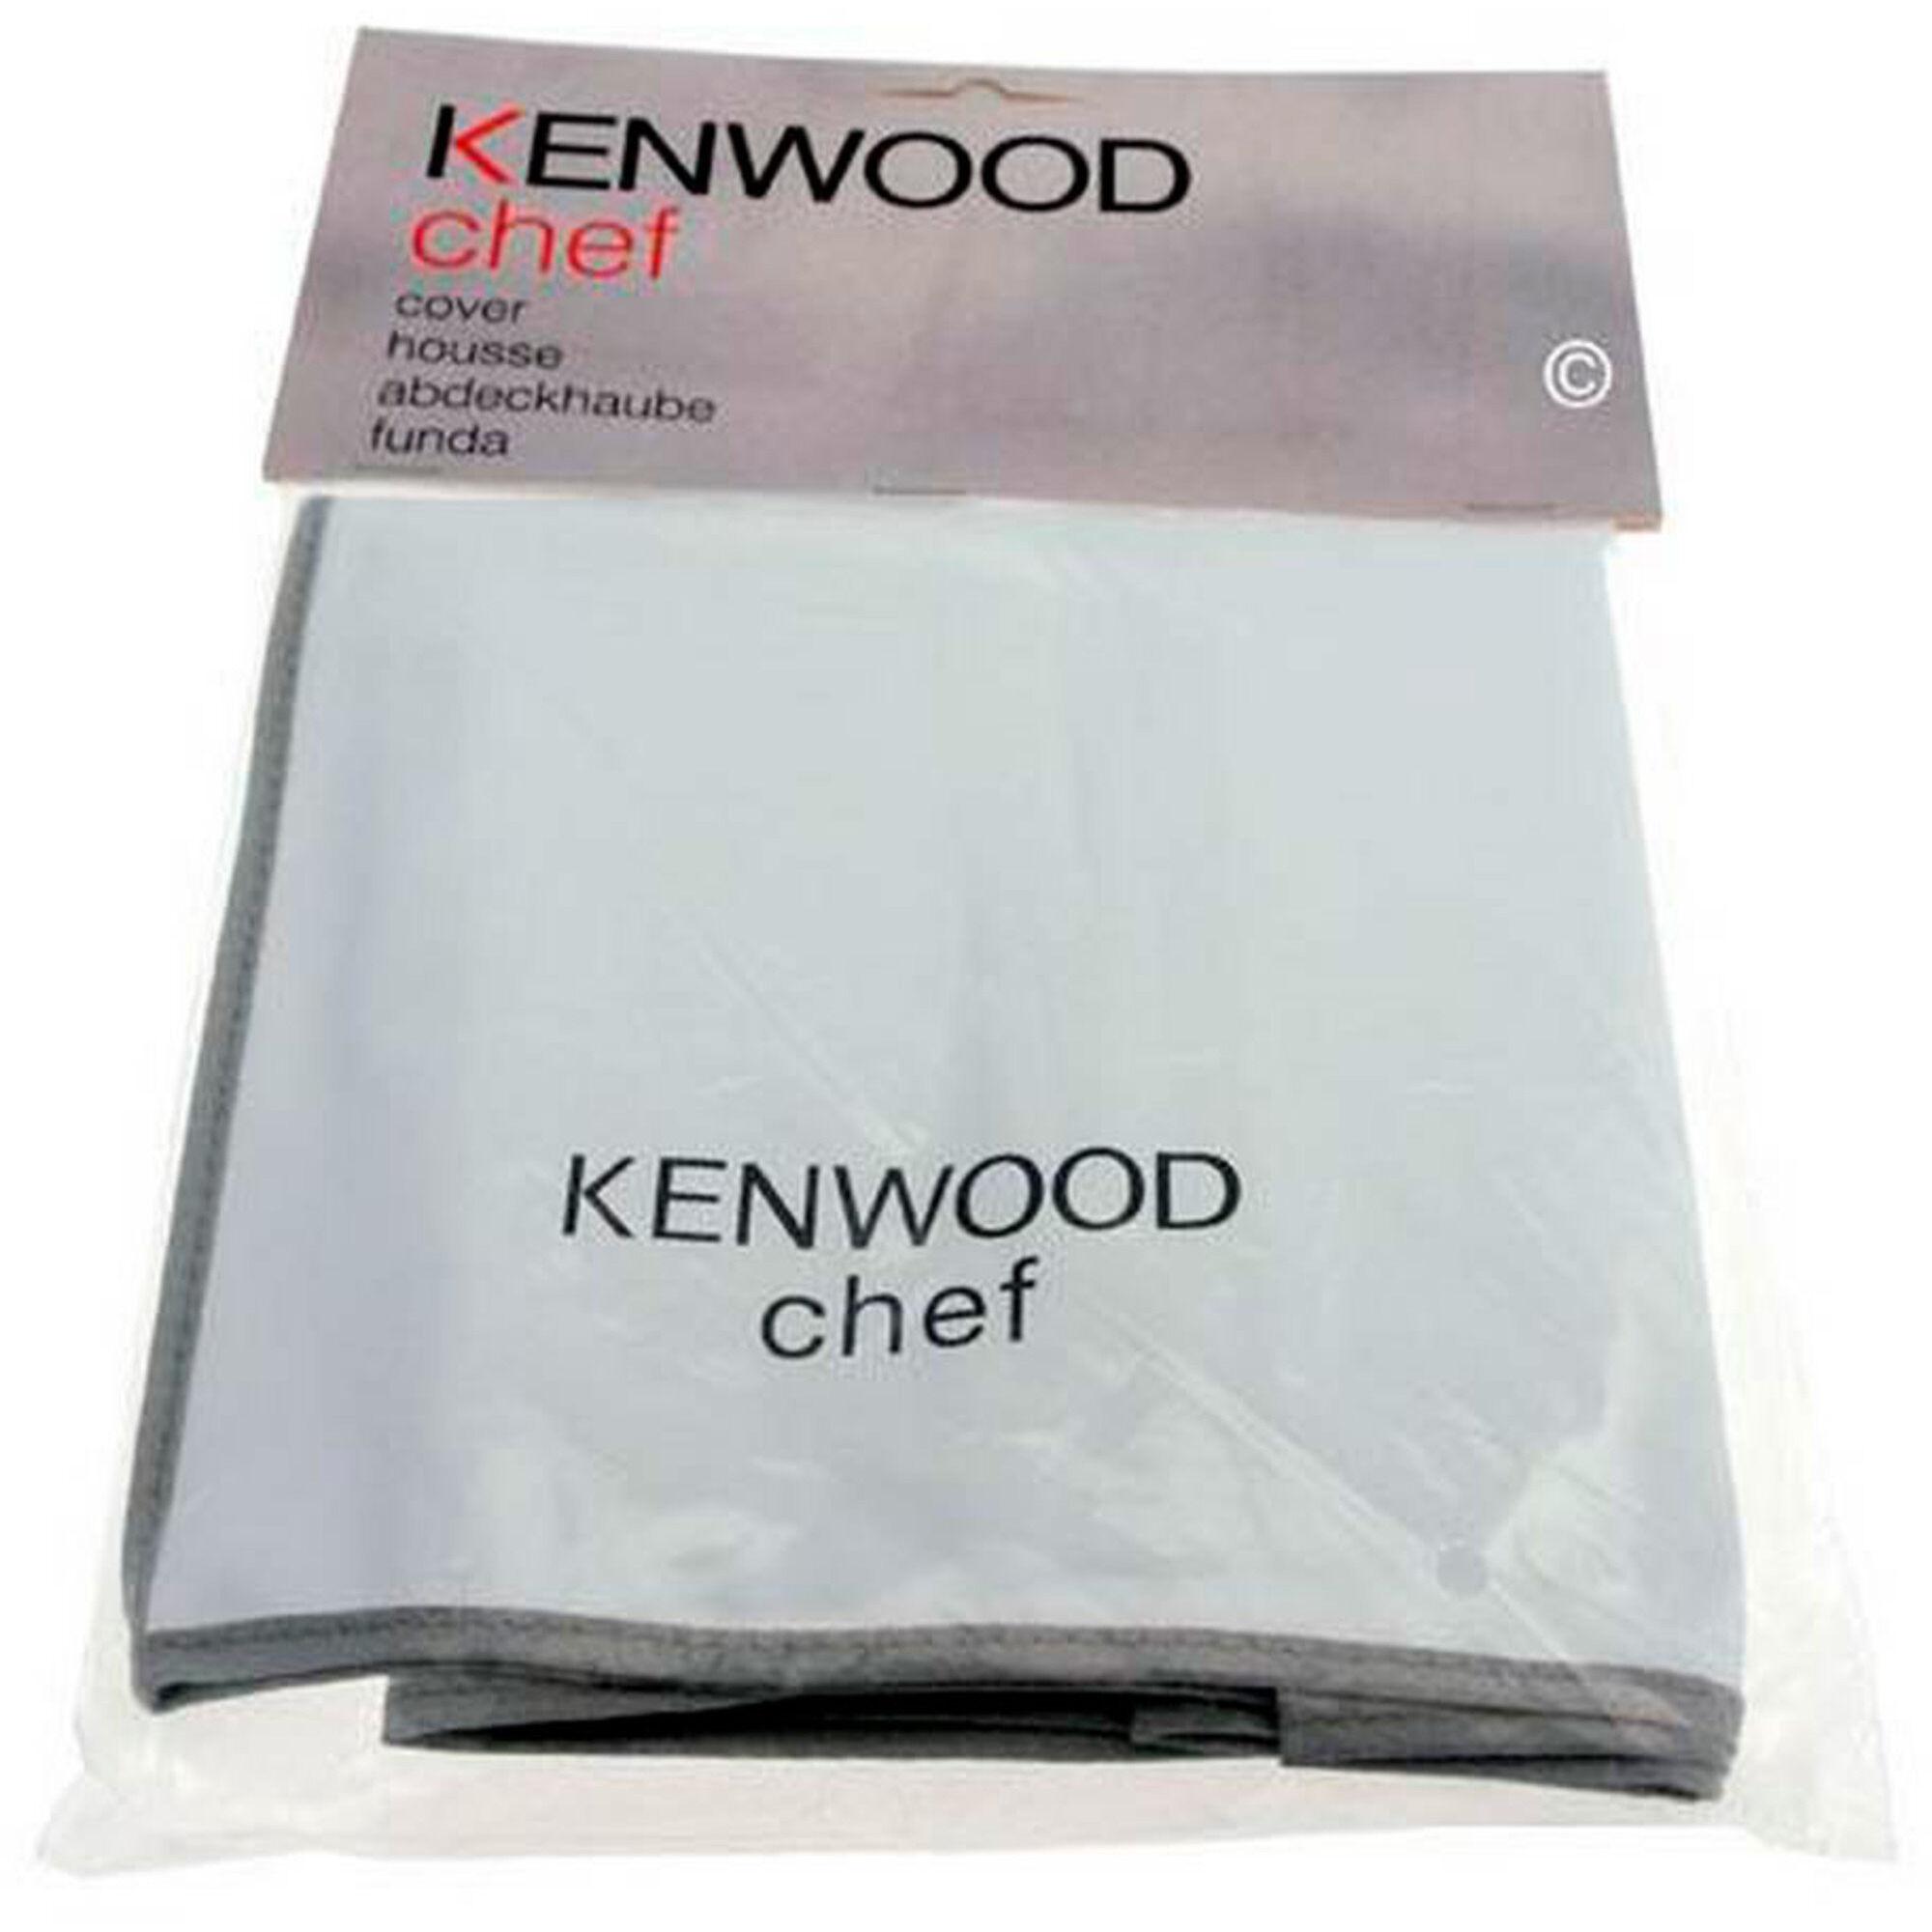 Kenwood Chef beskyttelsestrekk